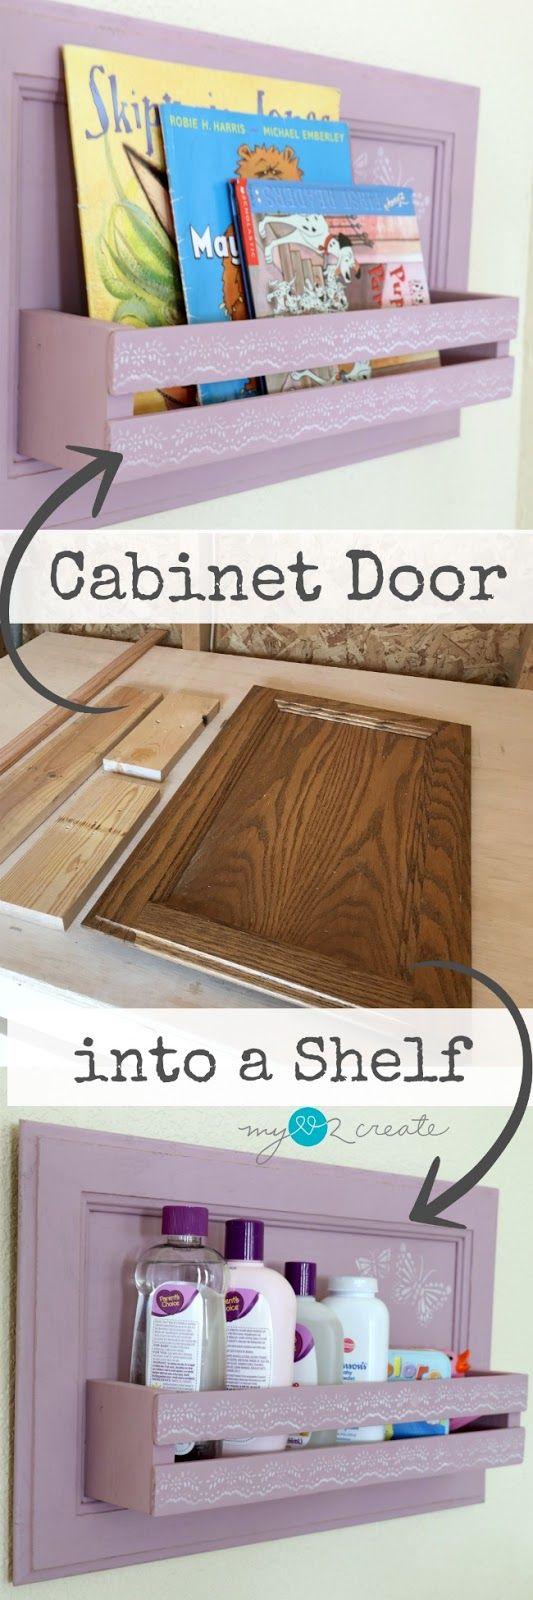 Best 25+ Cabinet door makeover ideas on Pinterest | Updating ...